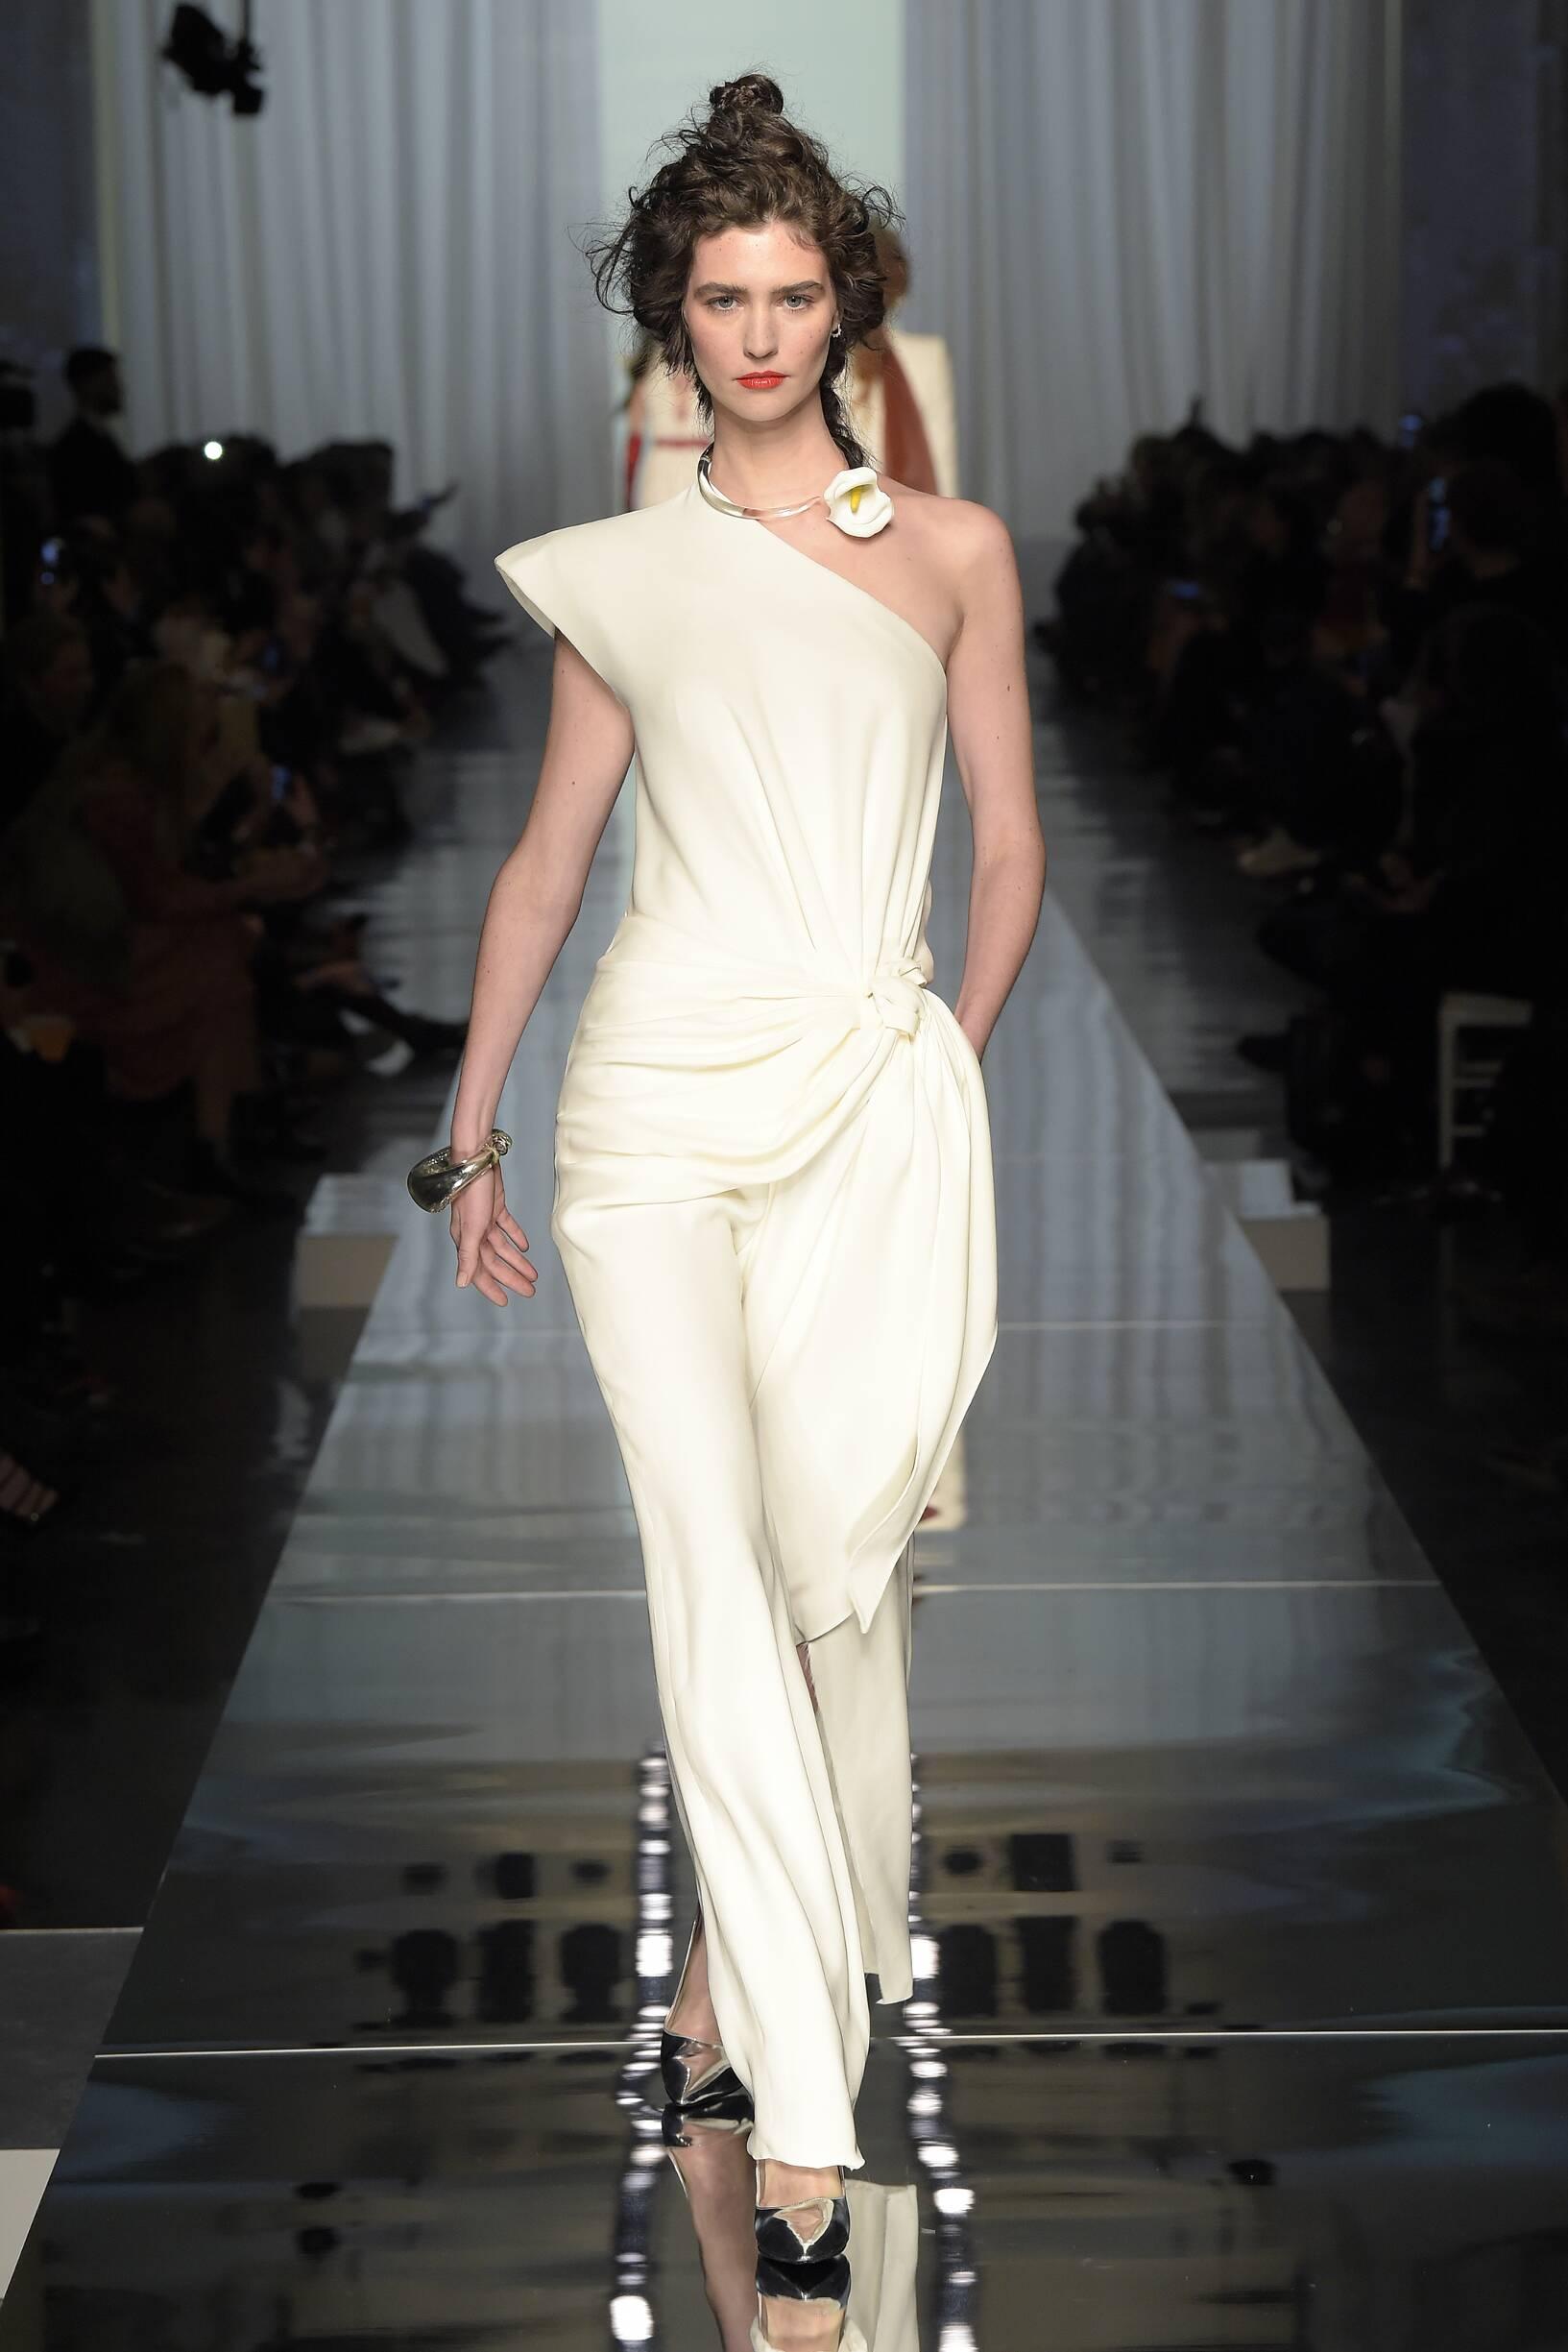 Jean Paul Gaultier Haute Couture SS 2017 Womenswear